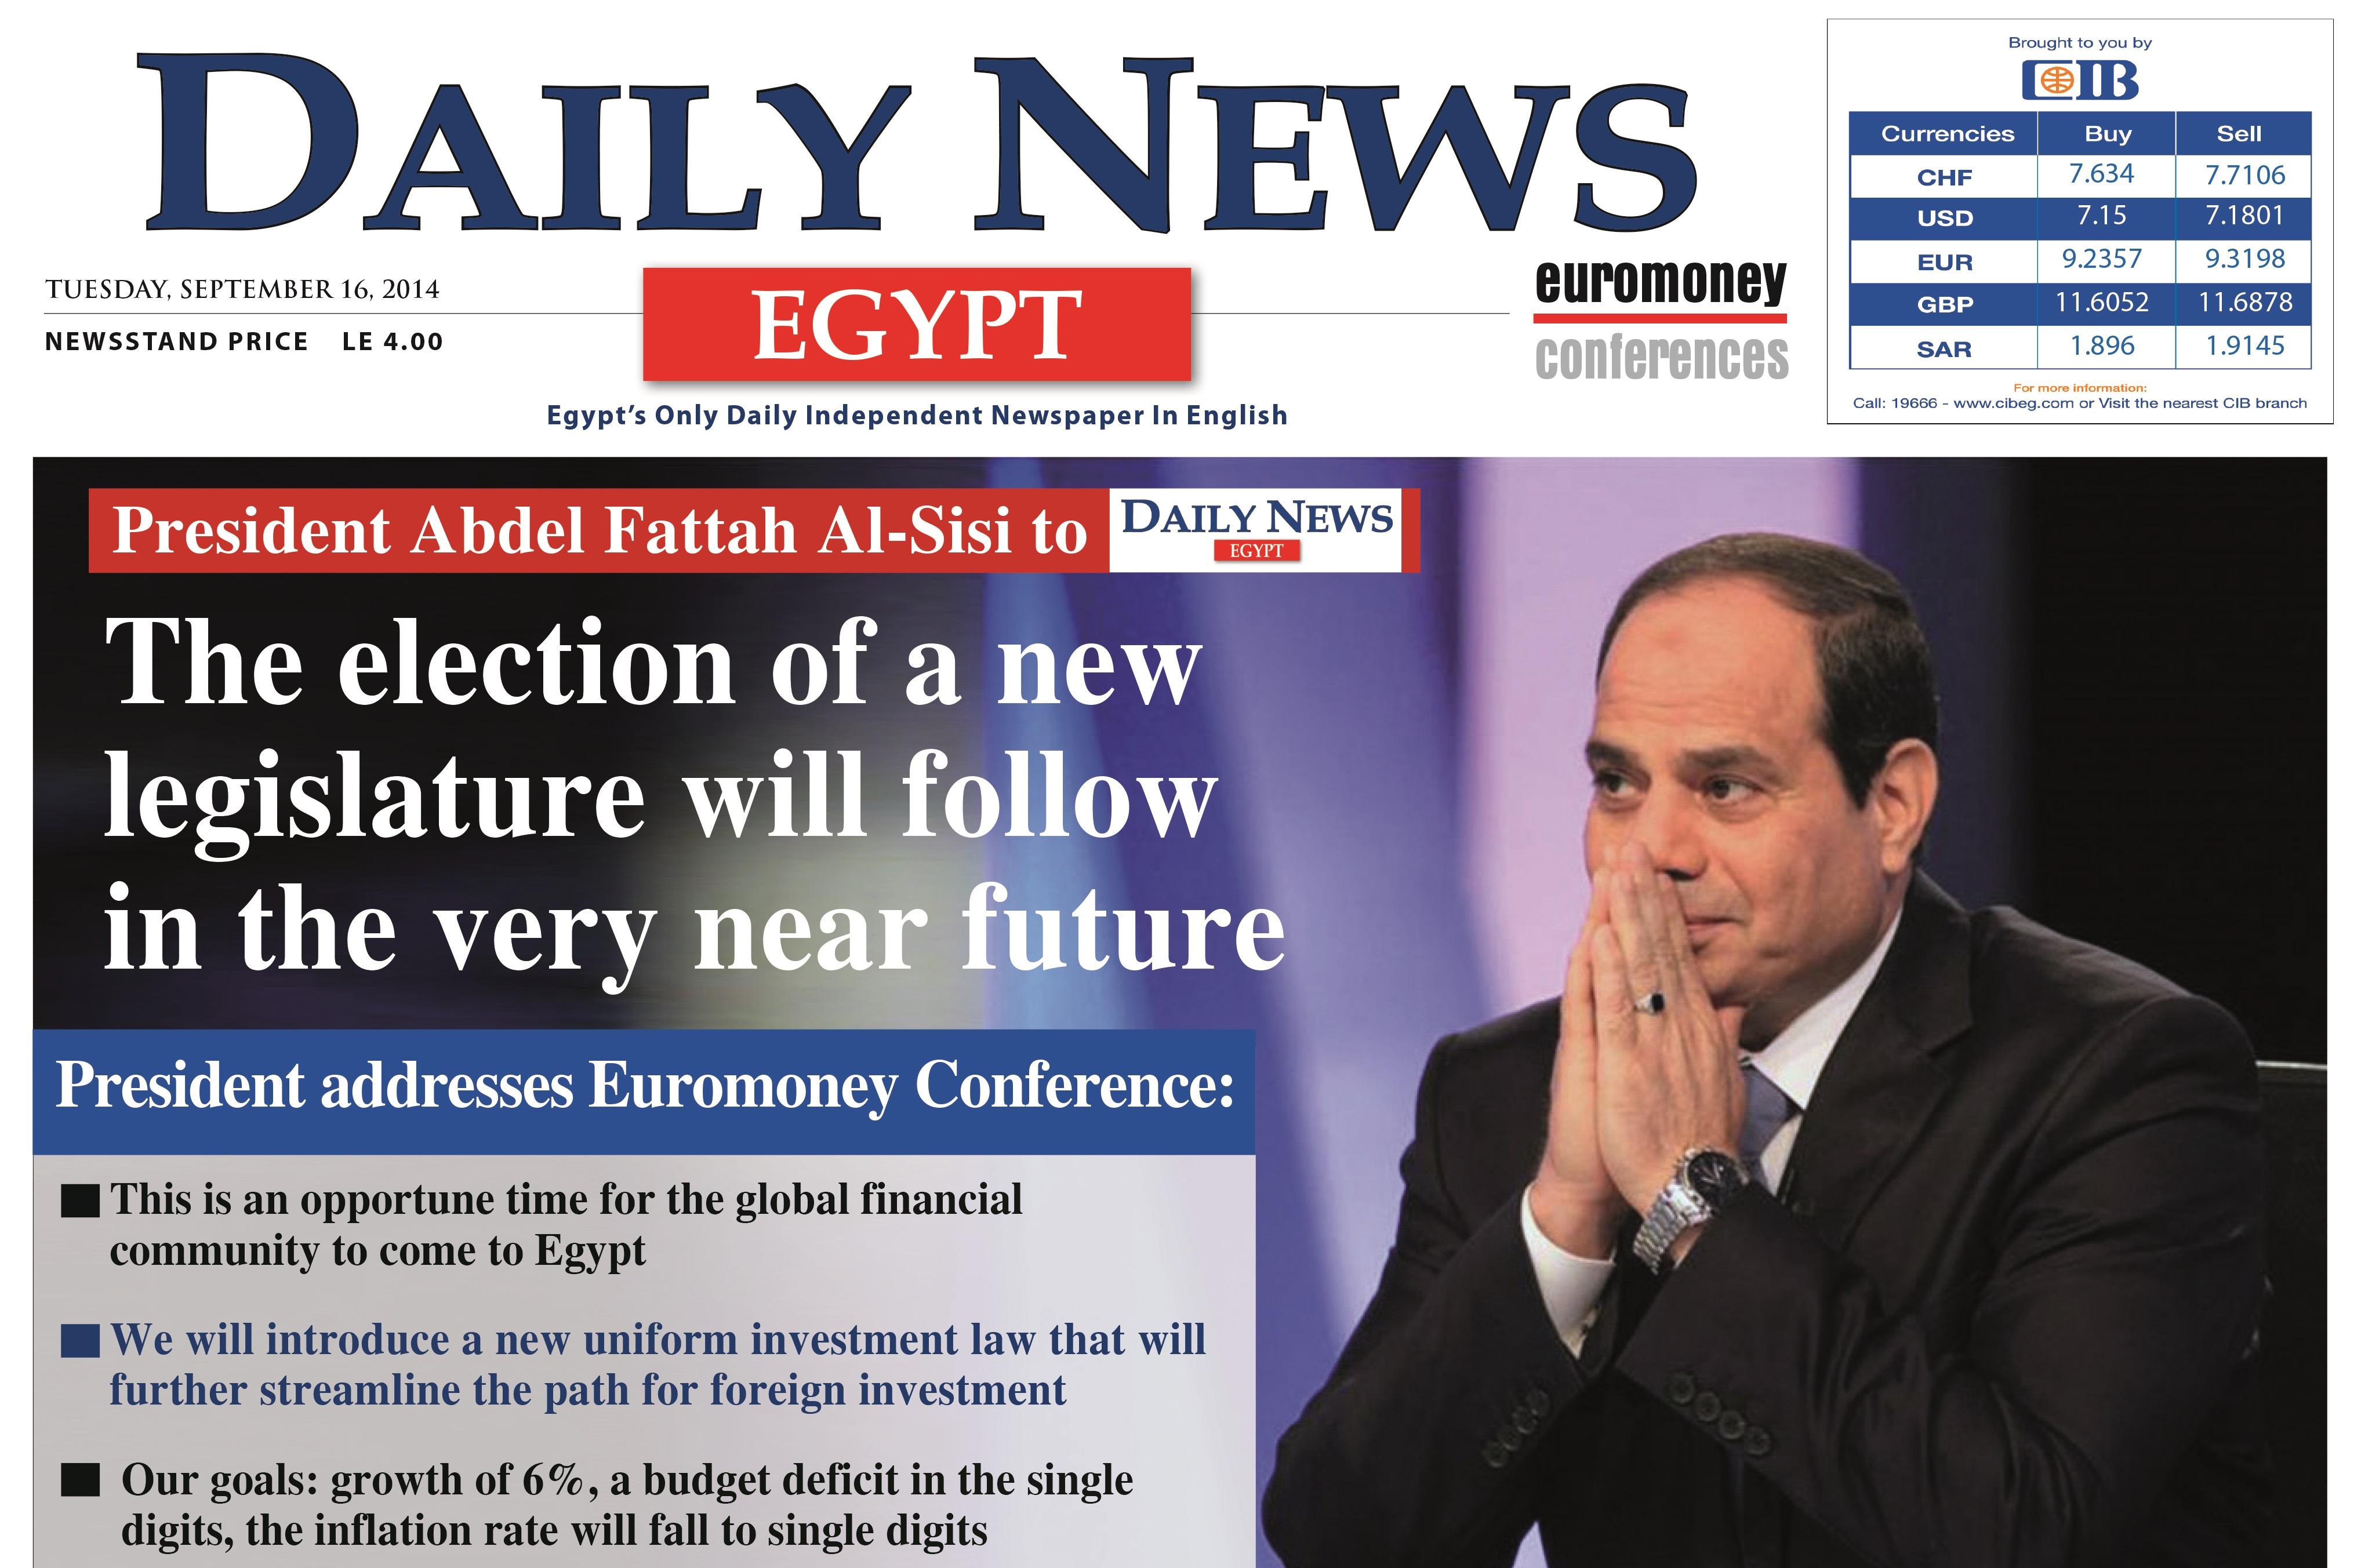 President Abdel Fattah Al Sisi Writes to Daily News Egypt in September 2014